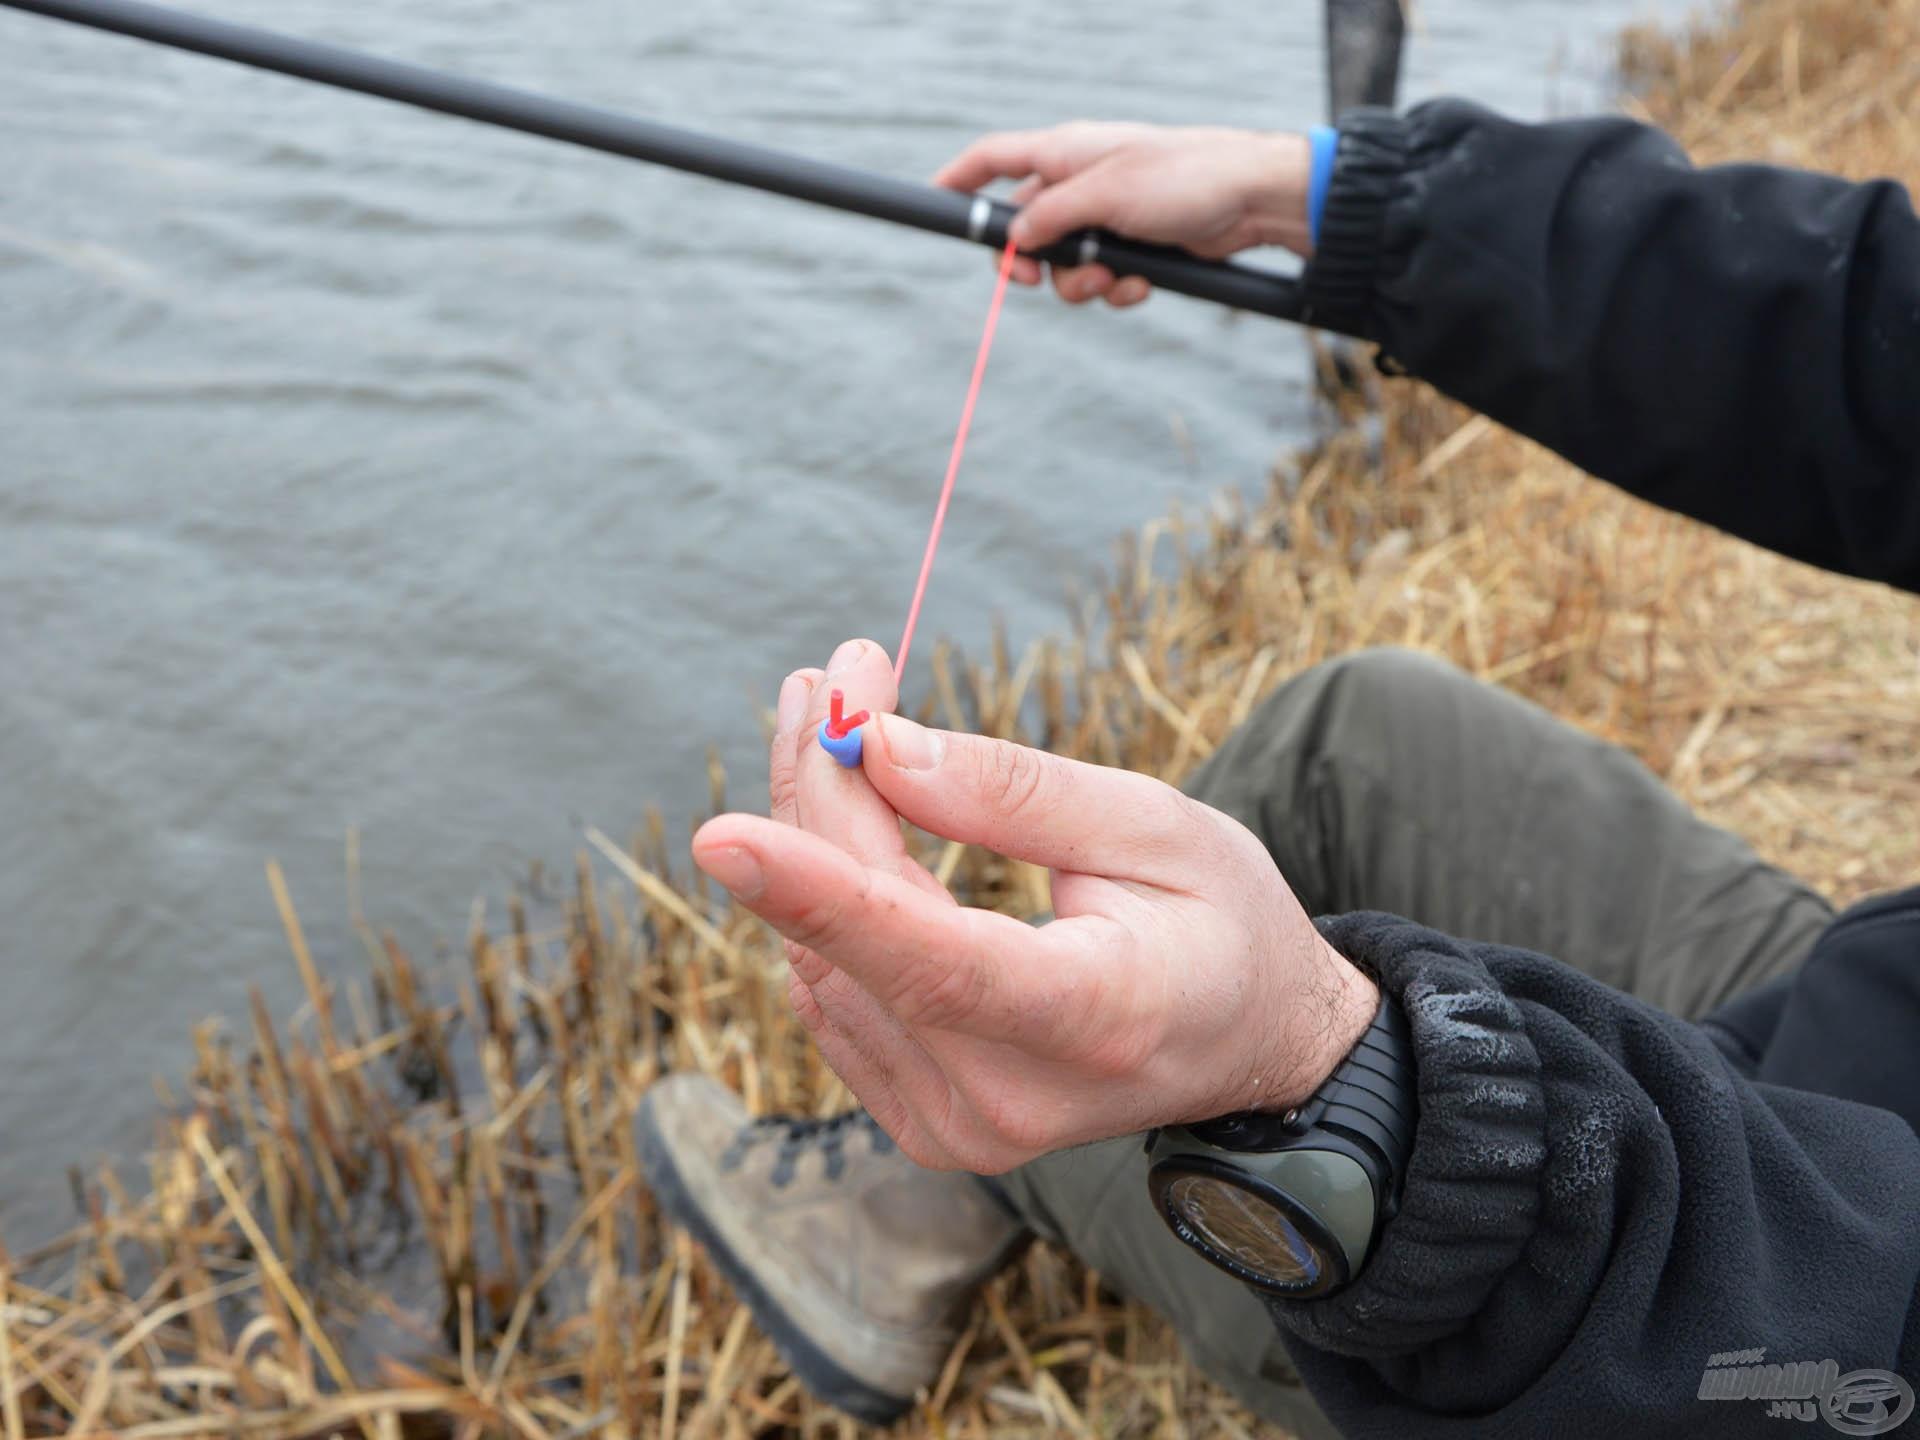 Egyik kezünkkel feszítjük a gumit, míg a másikkal fogjuk a top szettet és egyik ujjunkkal lefogjuk a gumit, nehogy vissza tudja a hal húzni